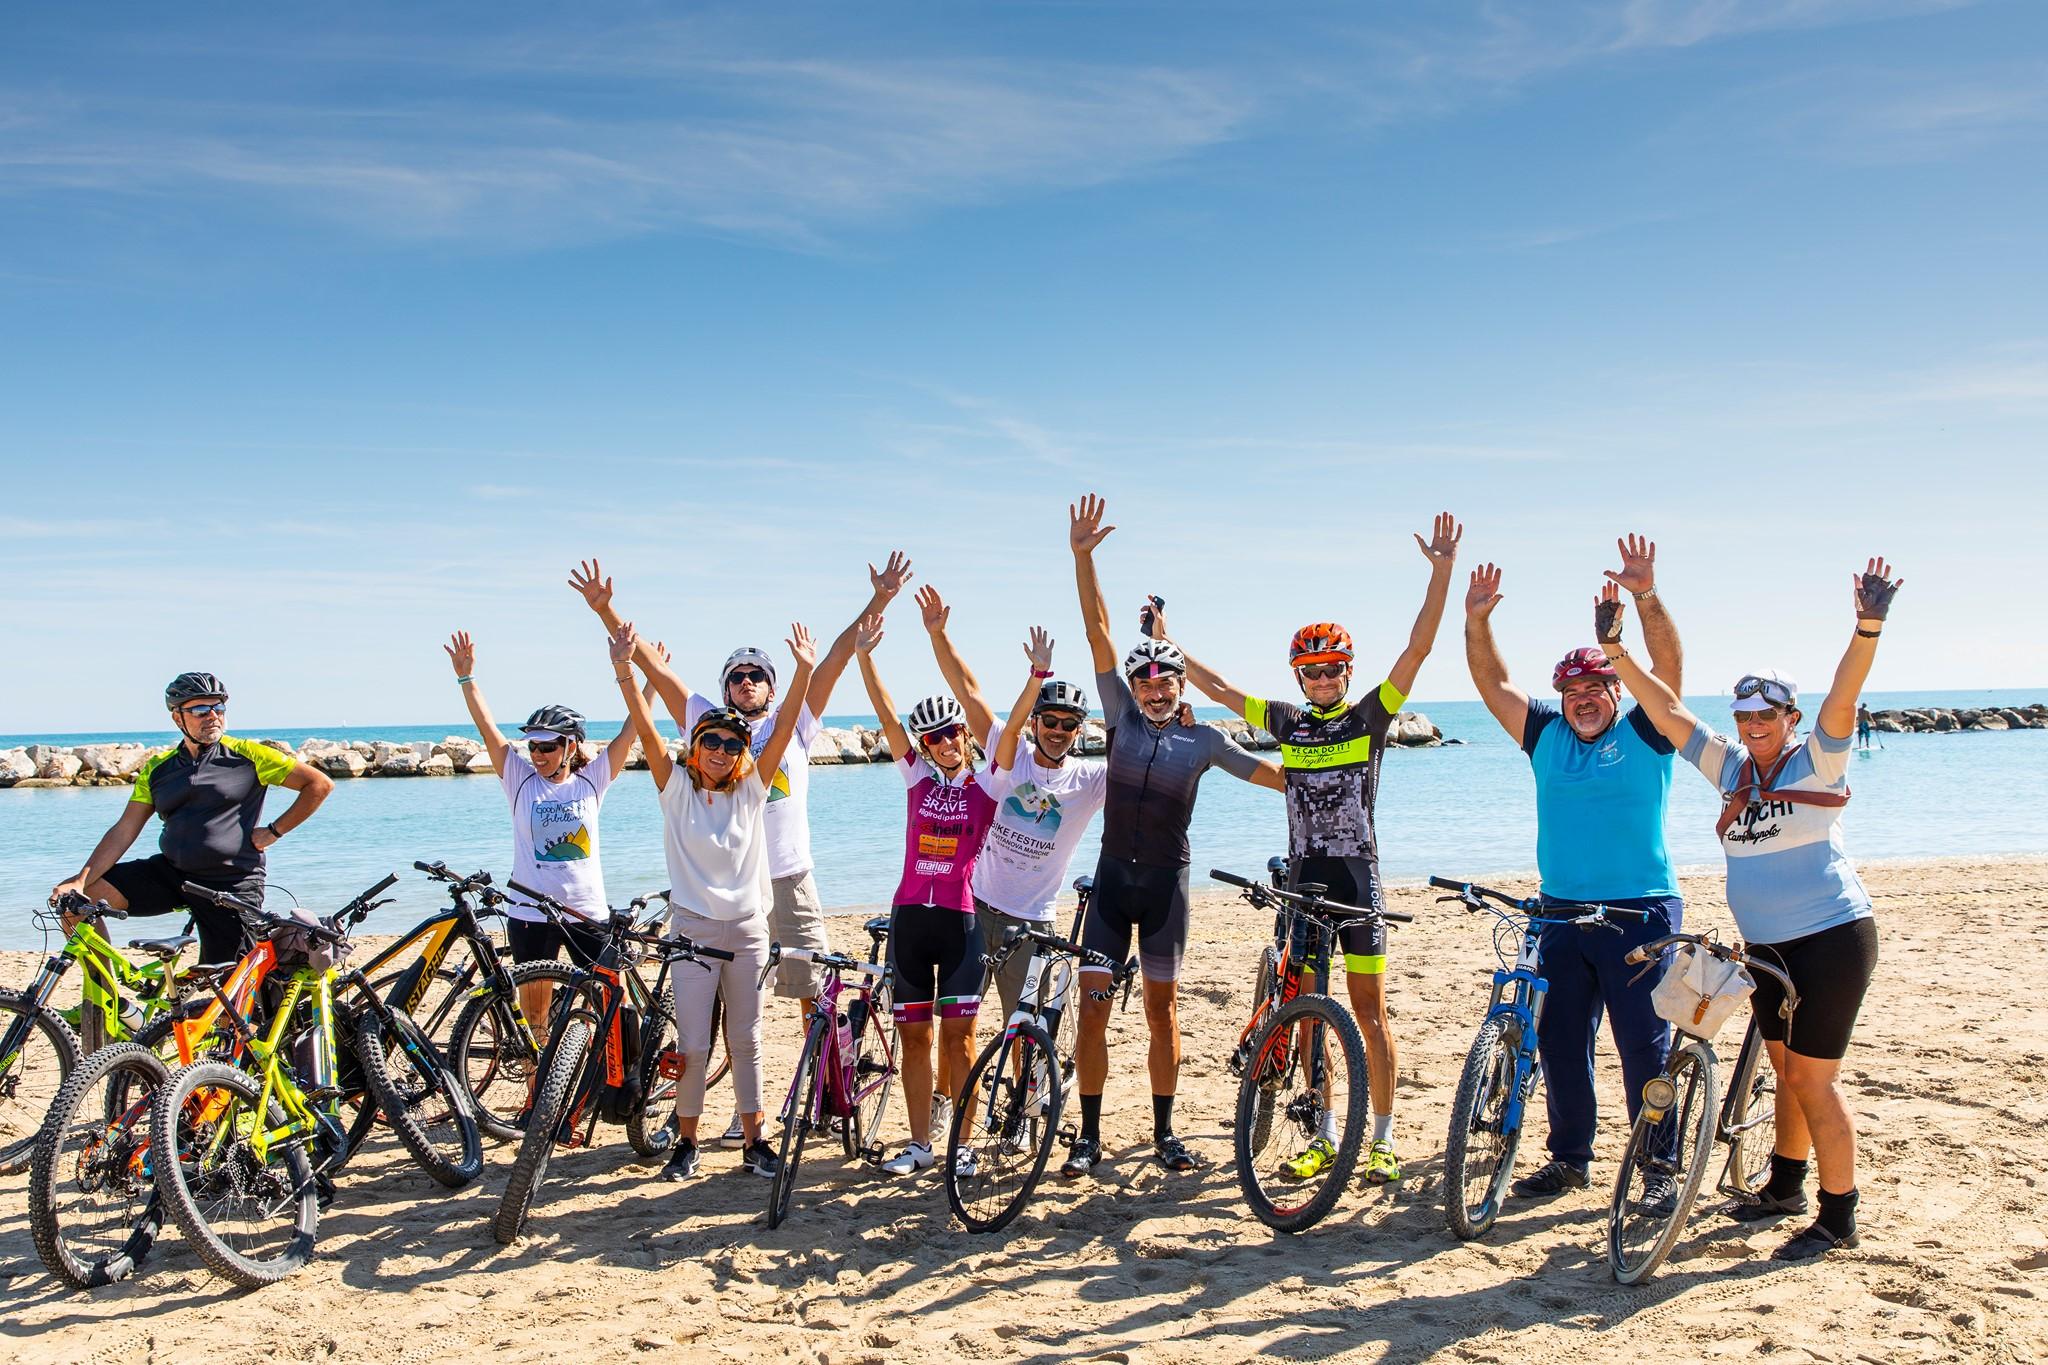 Turismo in bici, convegno di Noi Marche a Civitanova